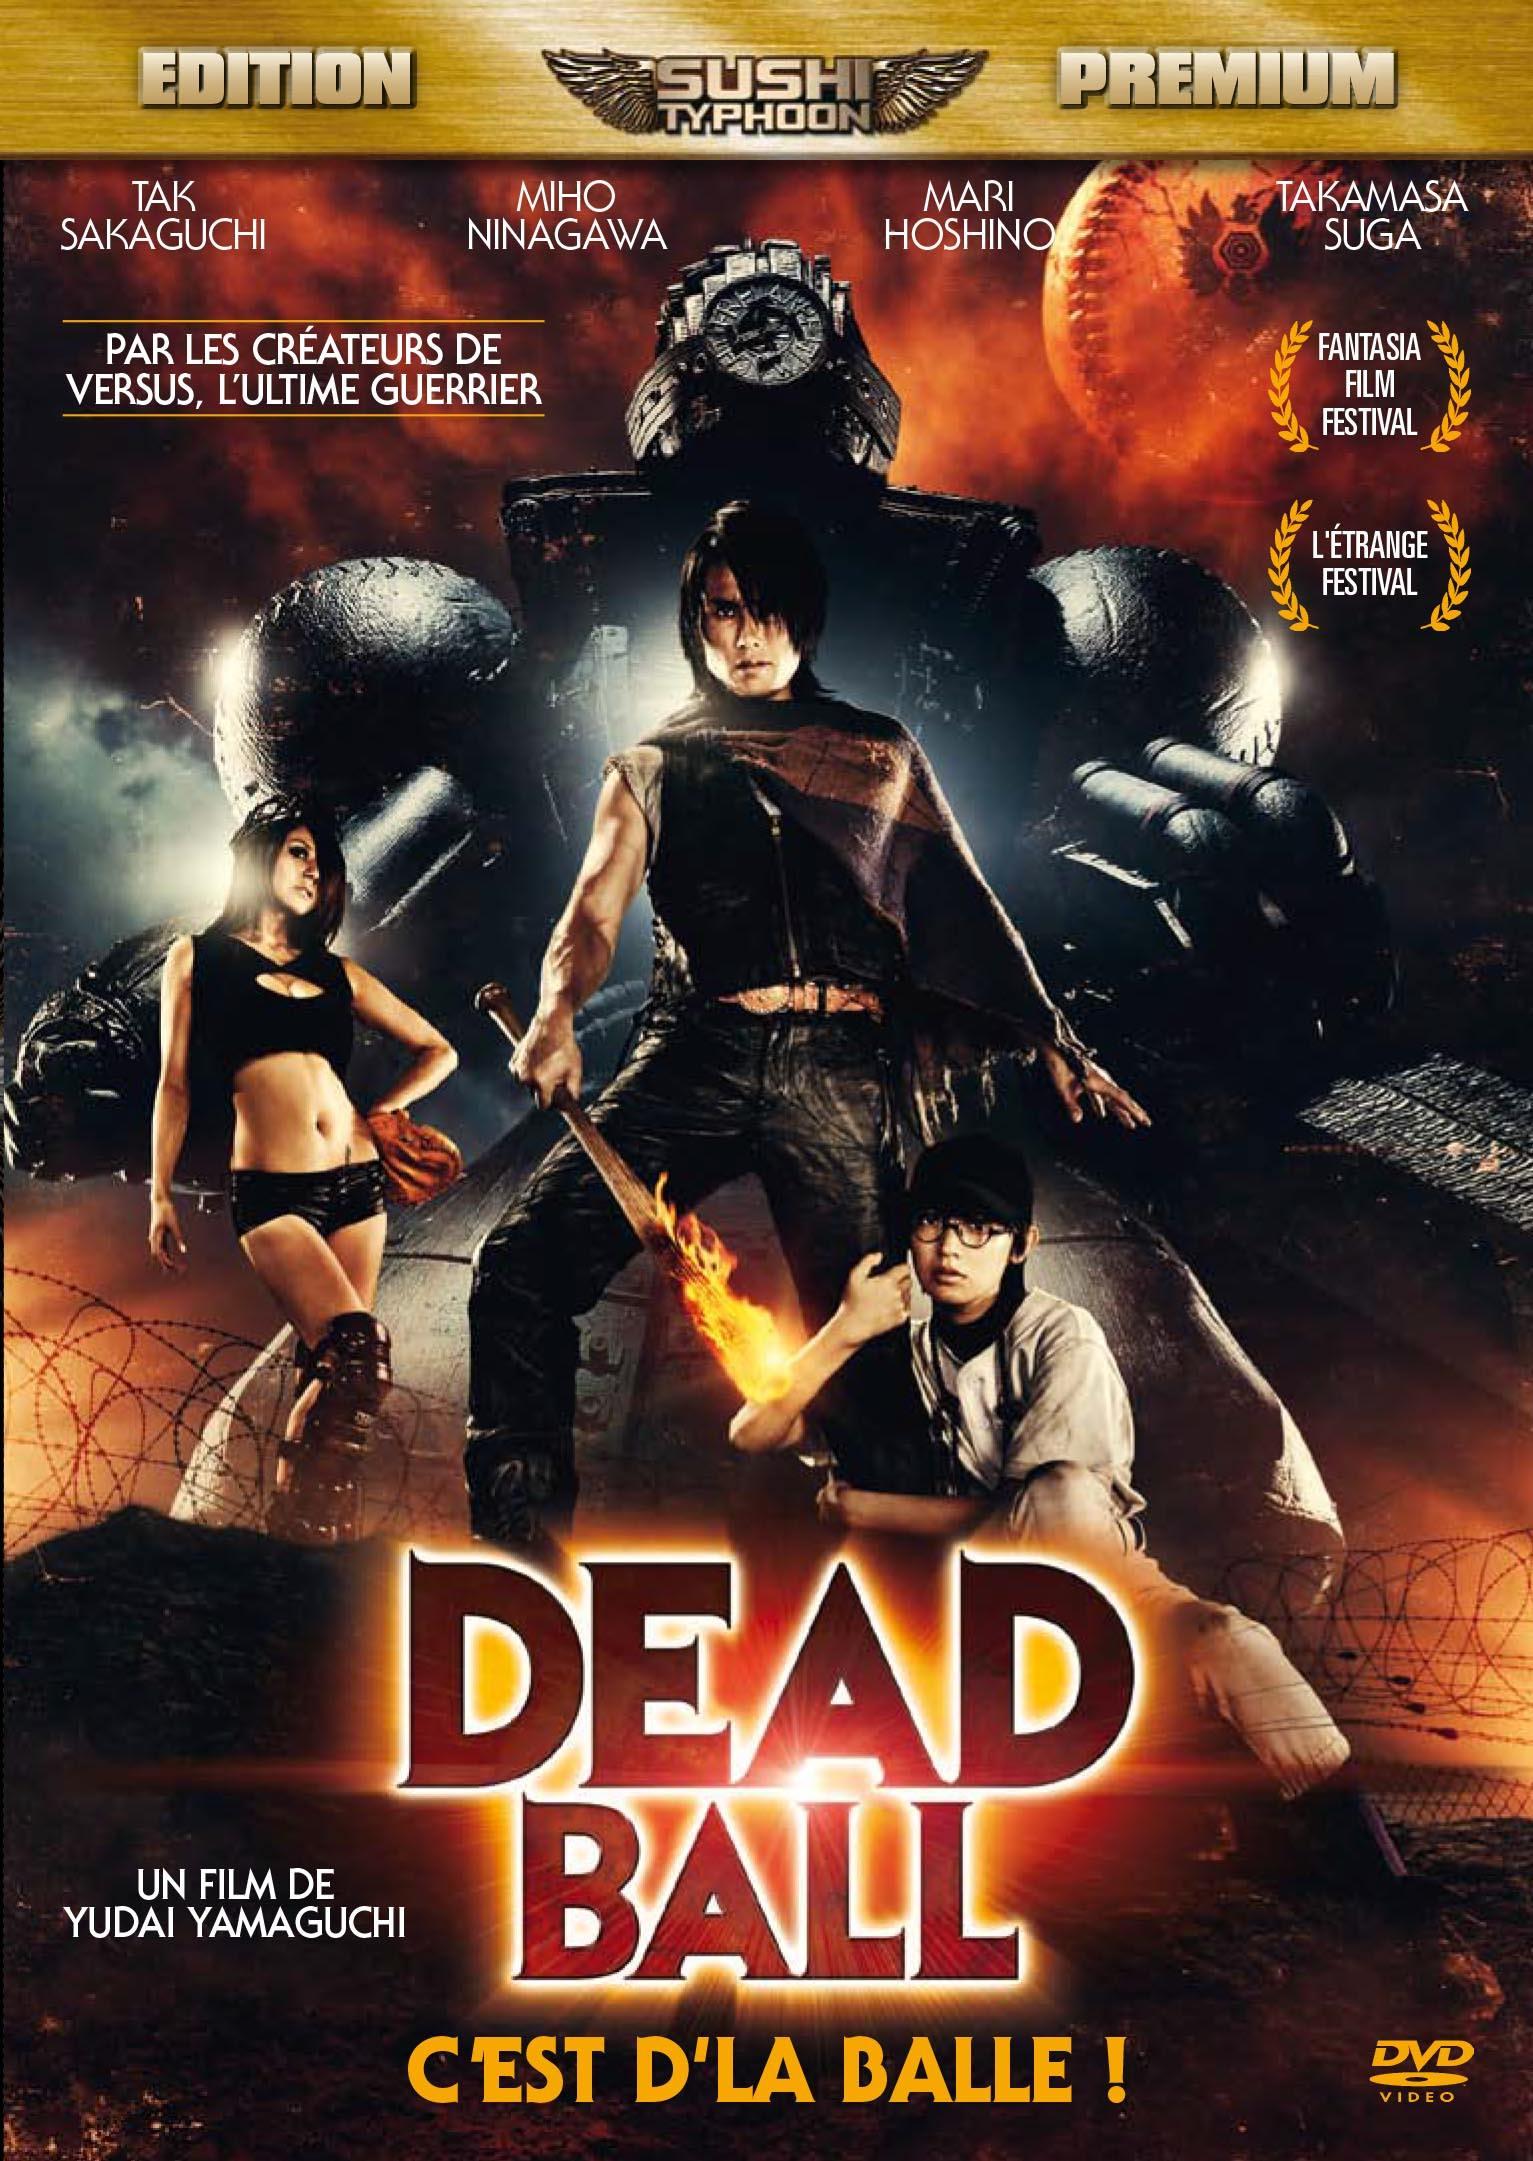 Dead ball - dvd